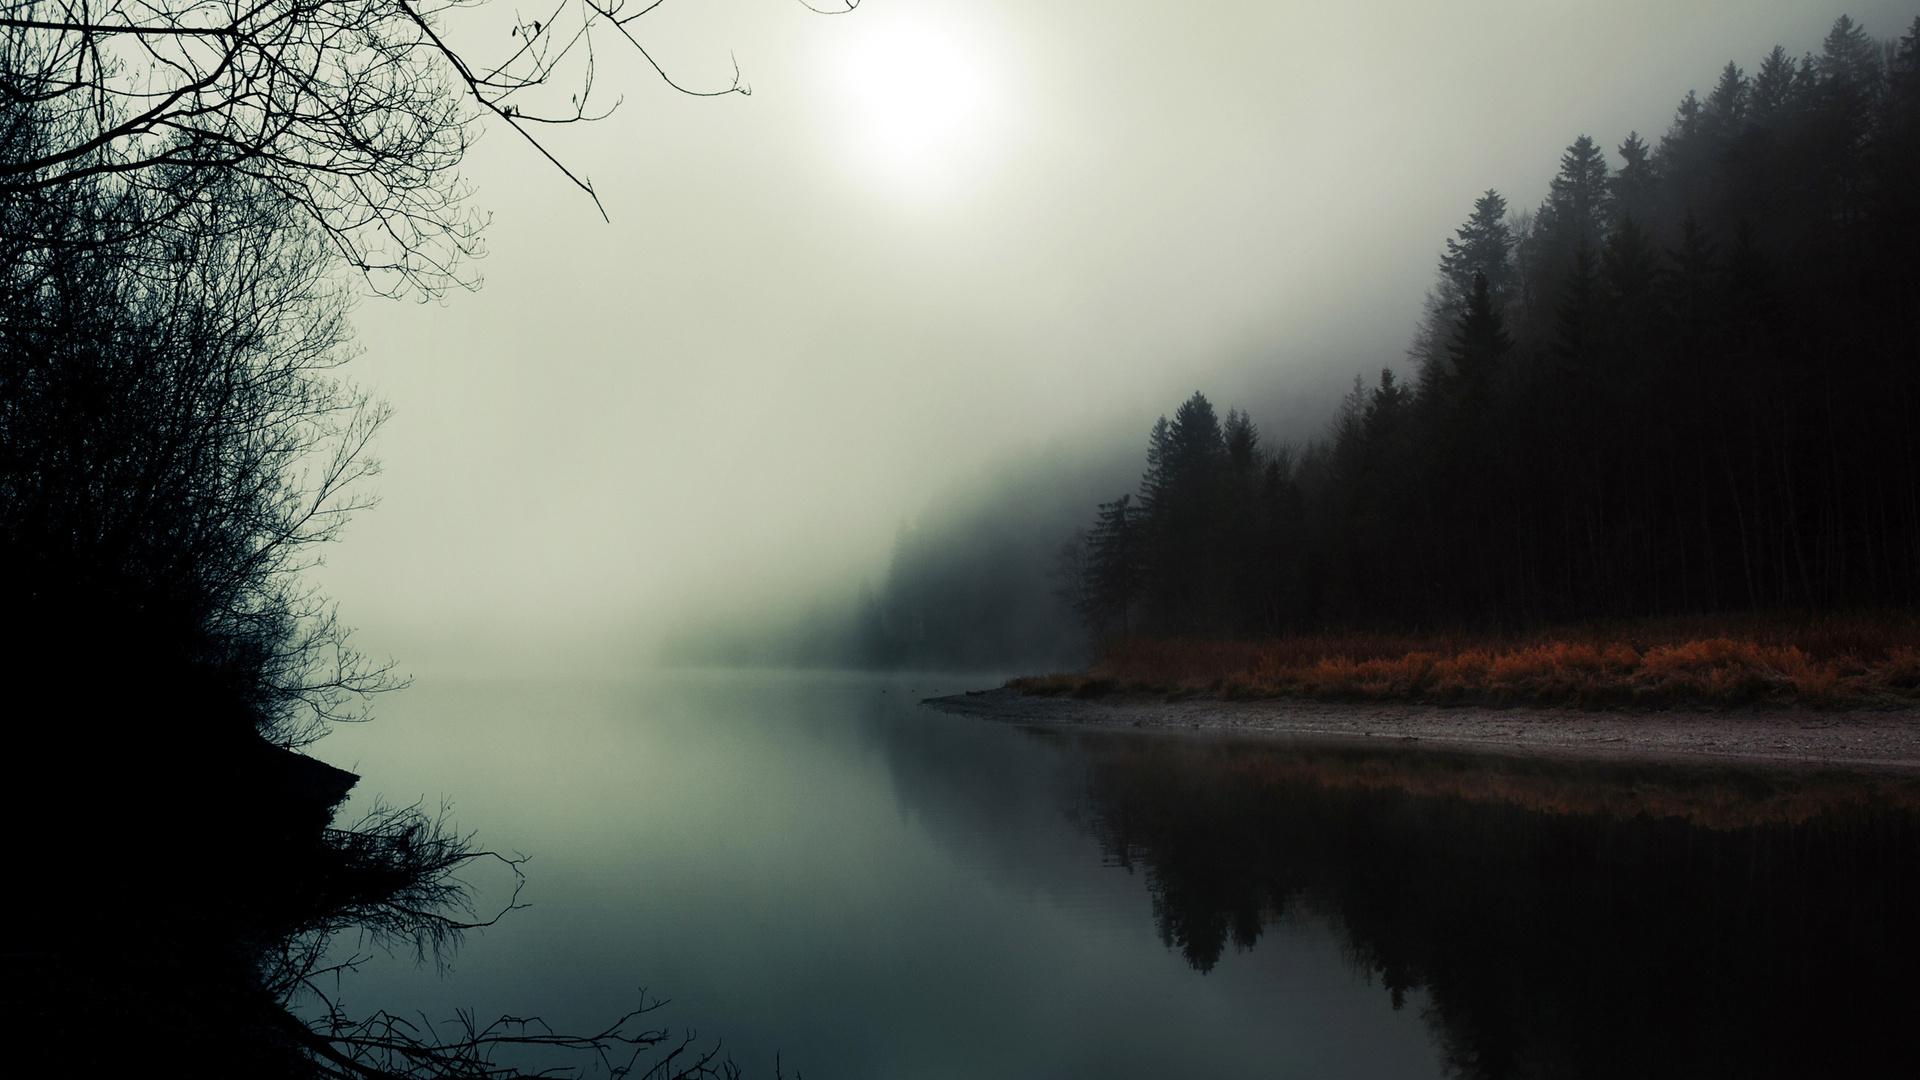 Stunning Nature Hd Wallpaper: 18 Stunning HD Mist Wallpapers